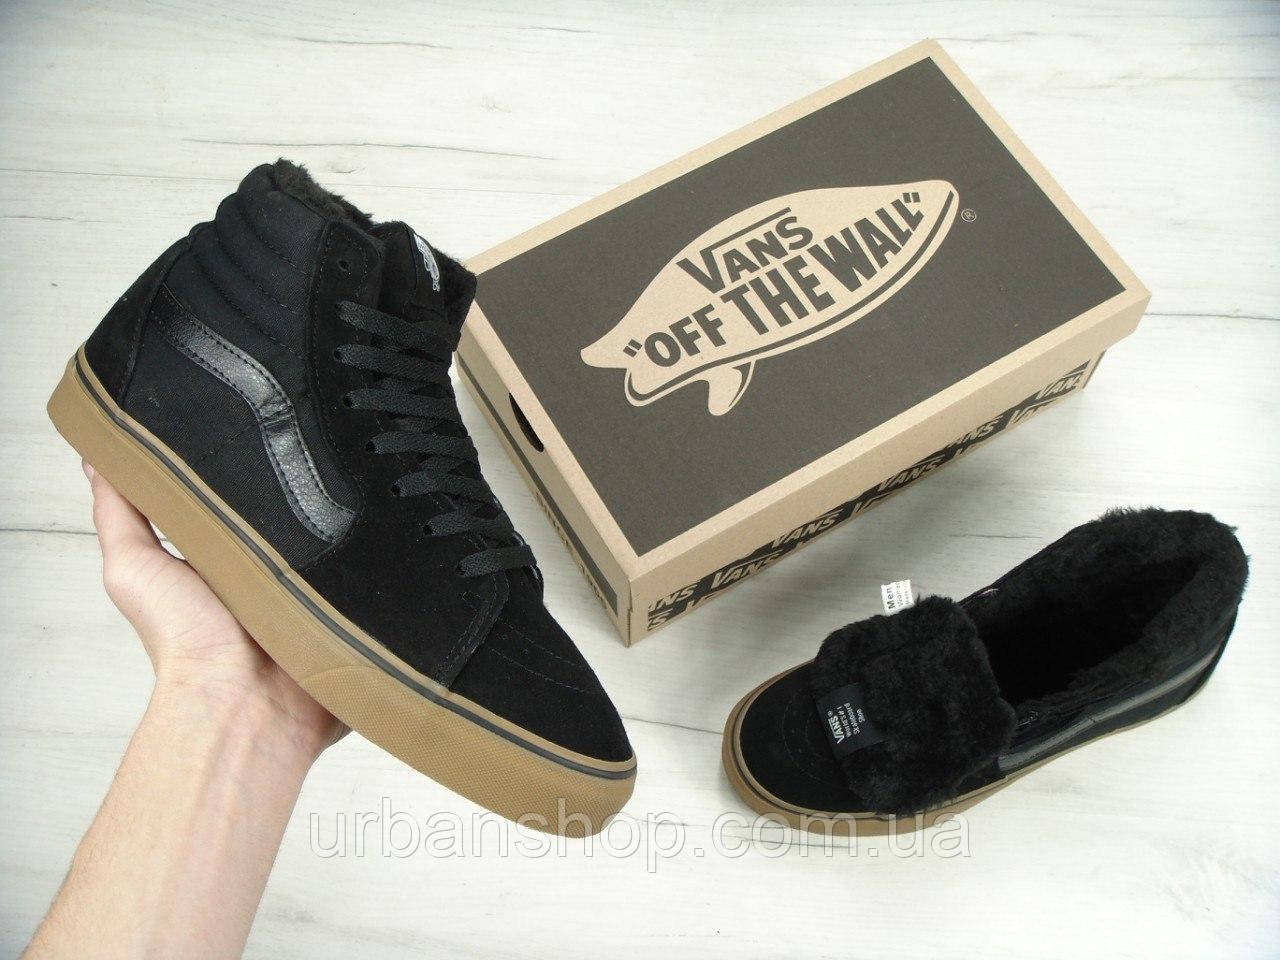 Кеды Vans SK8 - Hi. Winter Edition Black Gum Black, зимние вансы с мехом